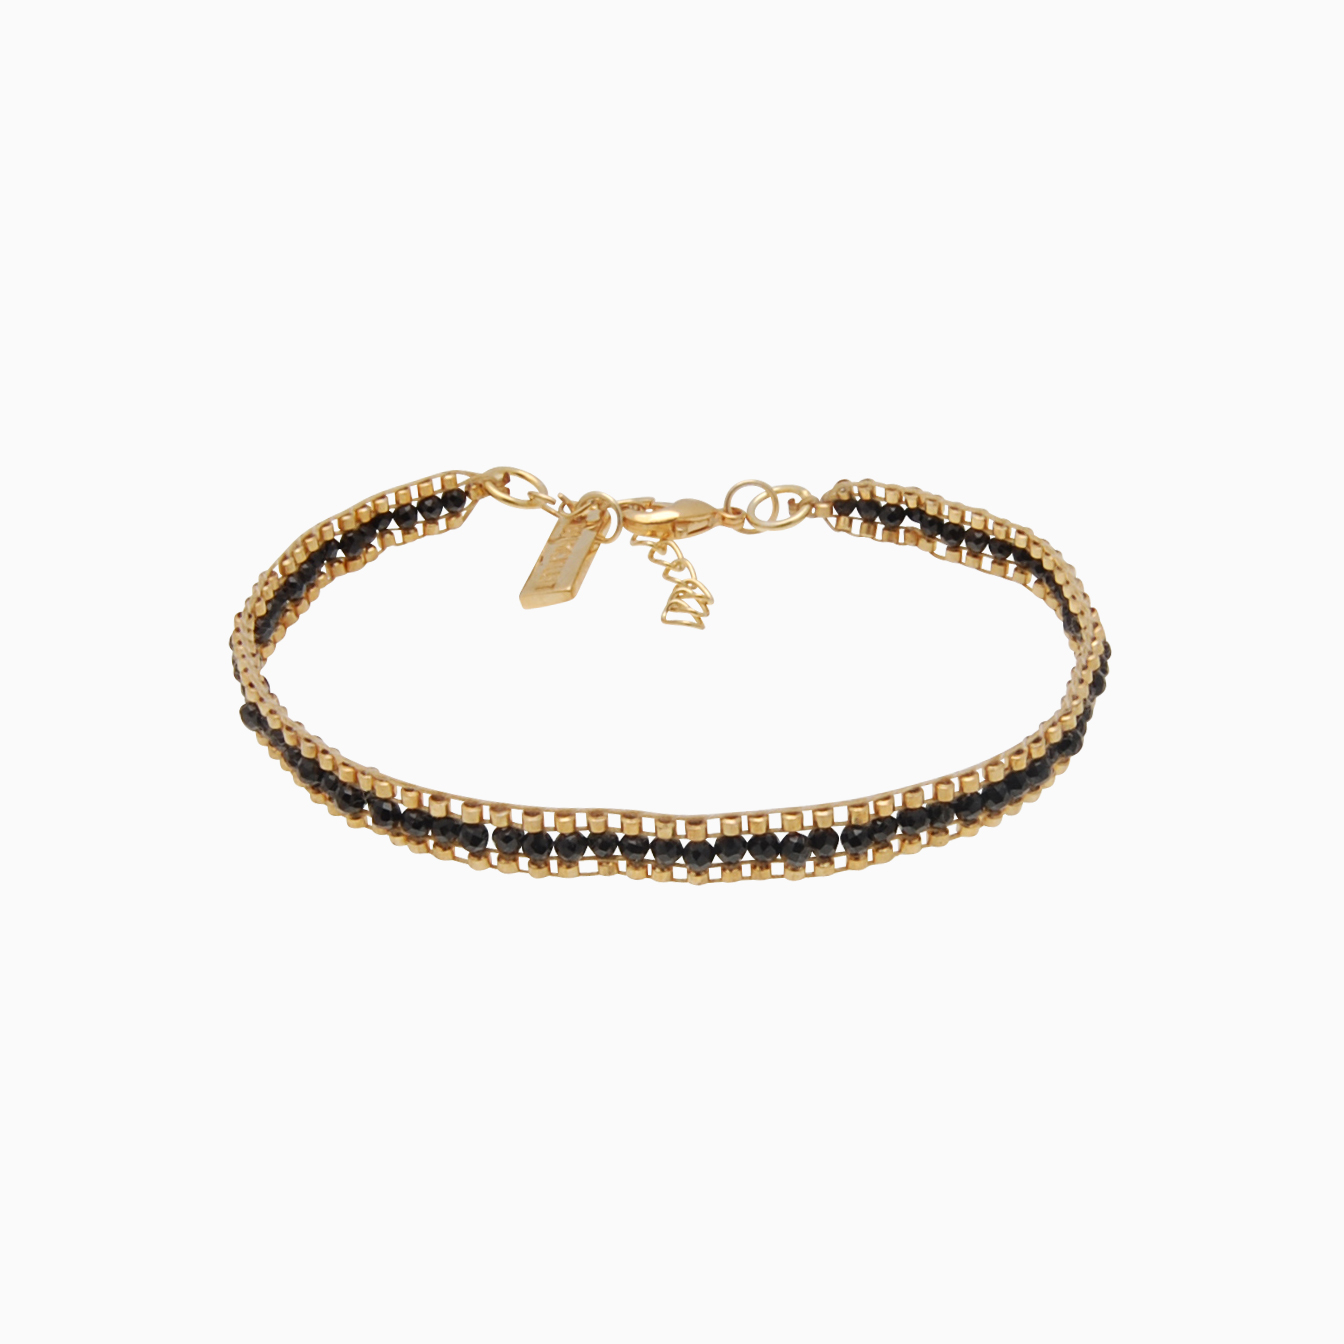 Vævet armbånd med guldperler, sort | no. 125